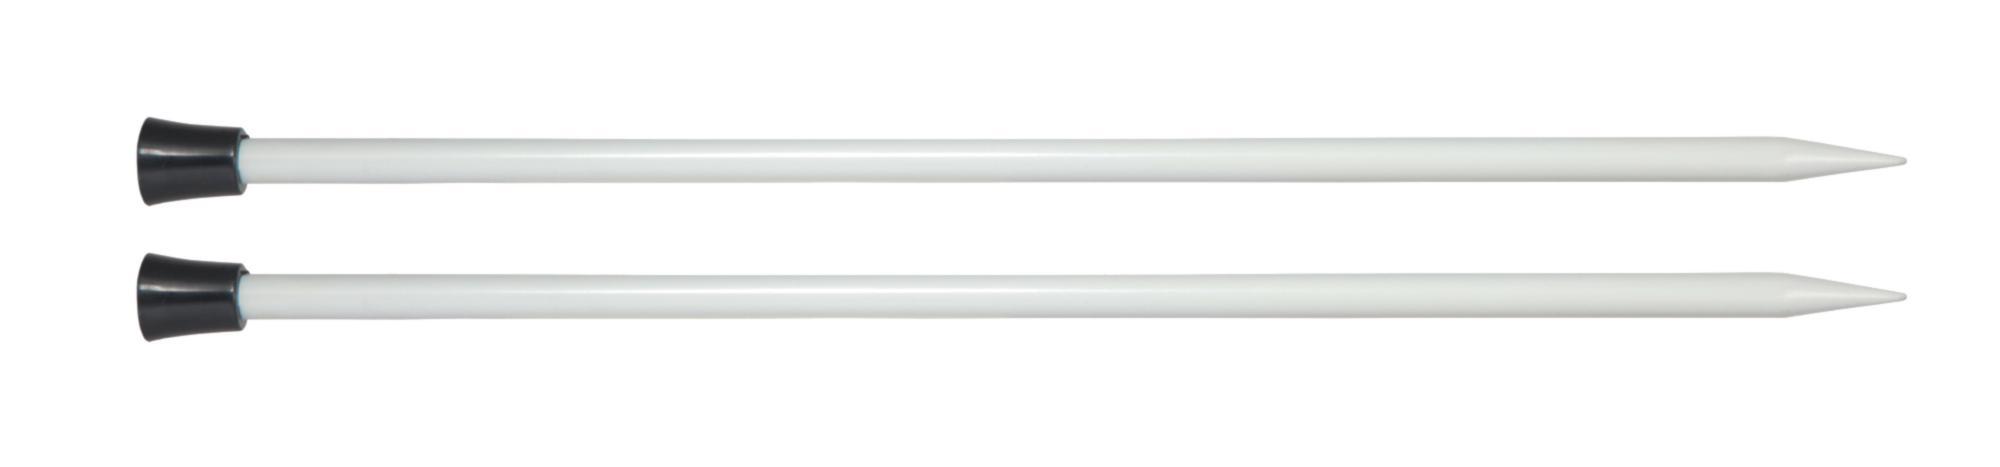 Спицы прямые 25 см Basix Aluminium KnitPro, 45210, 3.75 мм